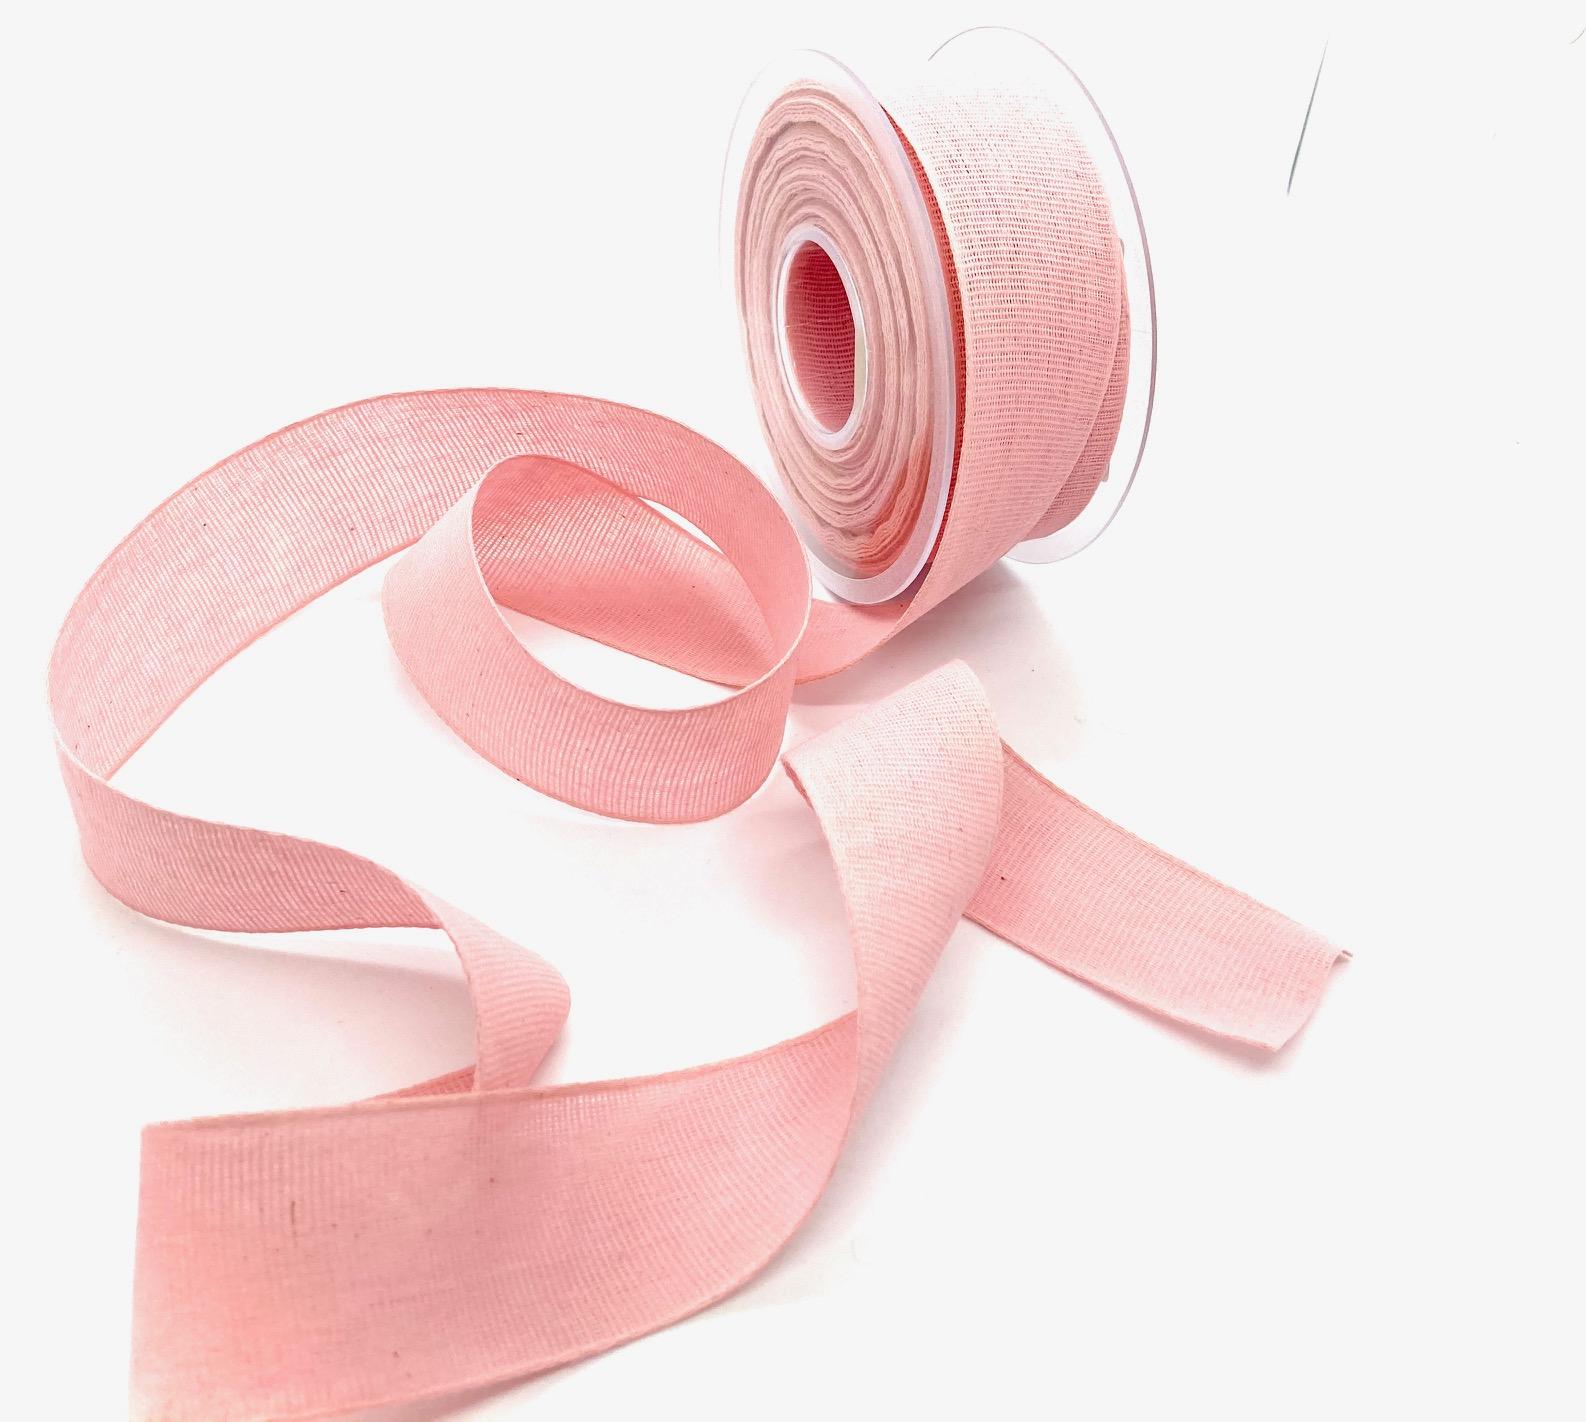 100% Baumwollband Rosa, 25 mm breit, 20 Meter